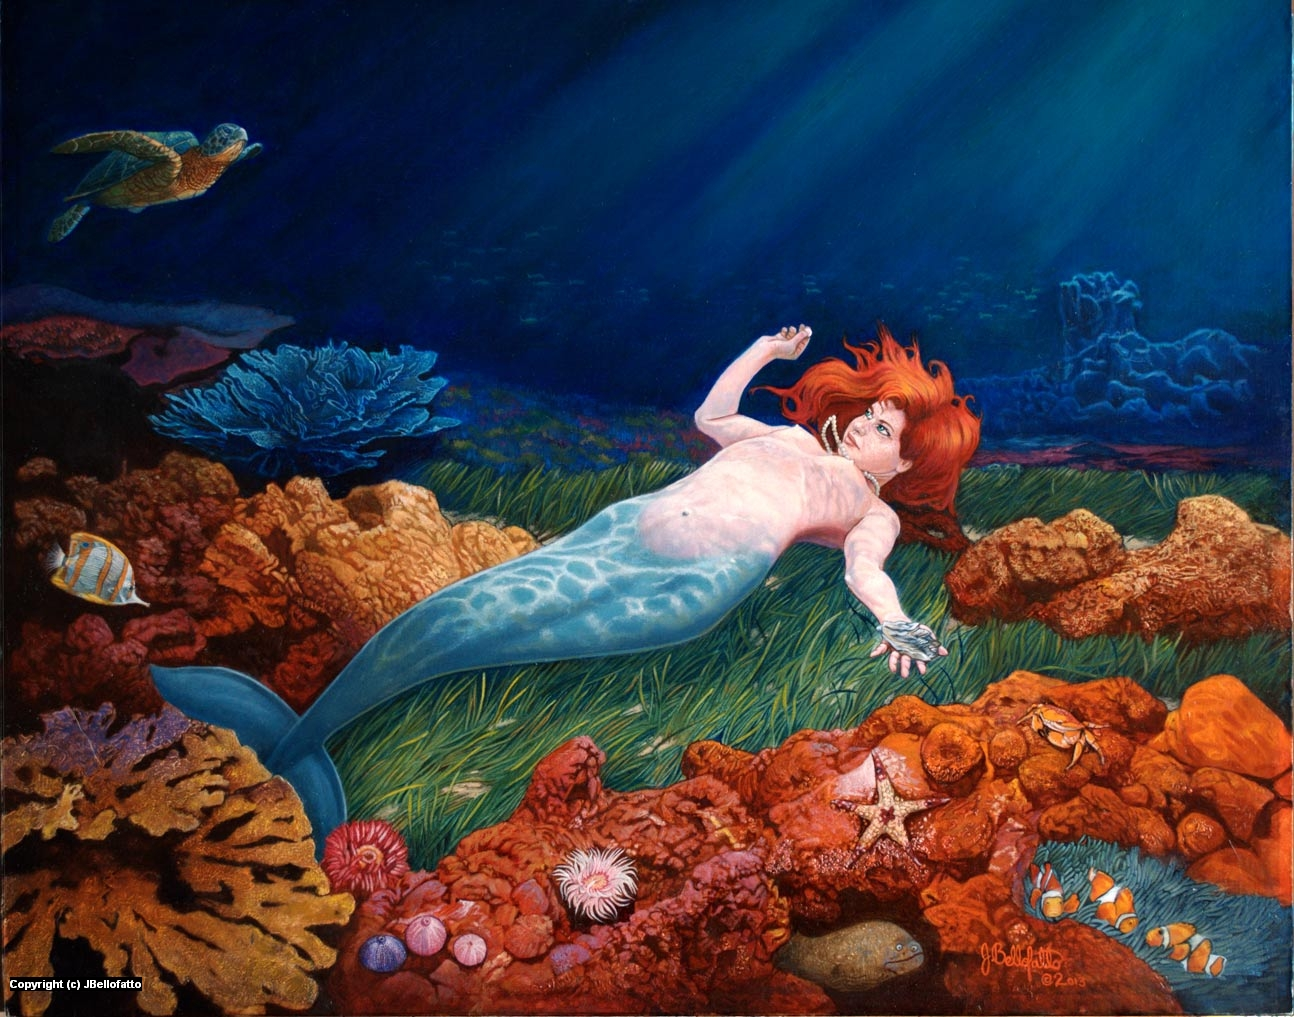 Pearl Diver Artwork by Joseph Bellofatto